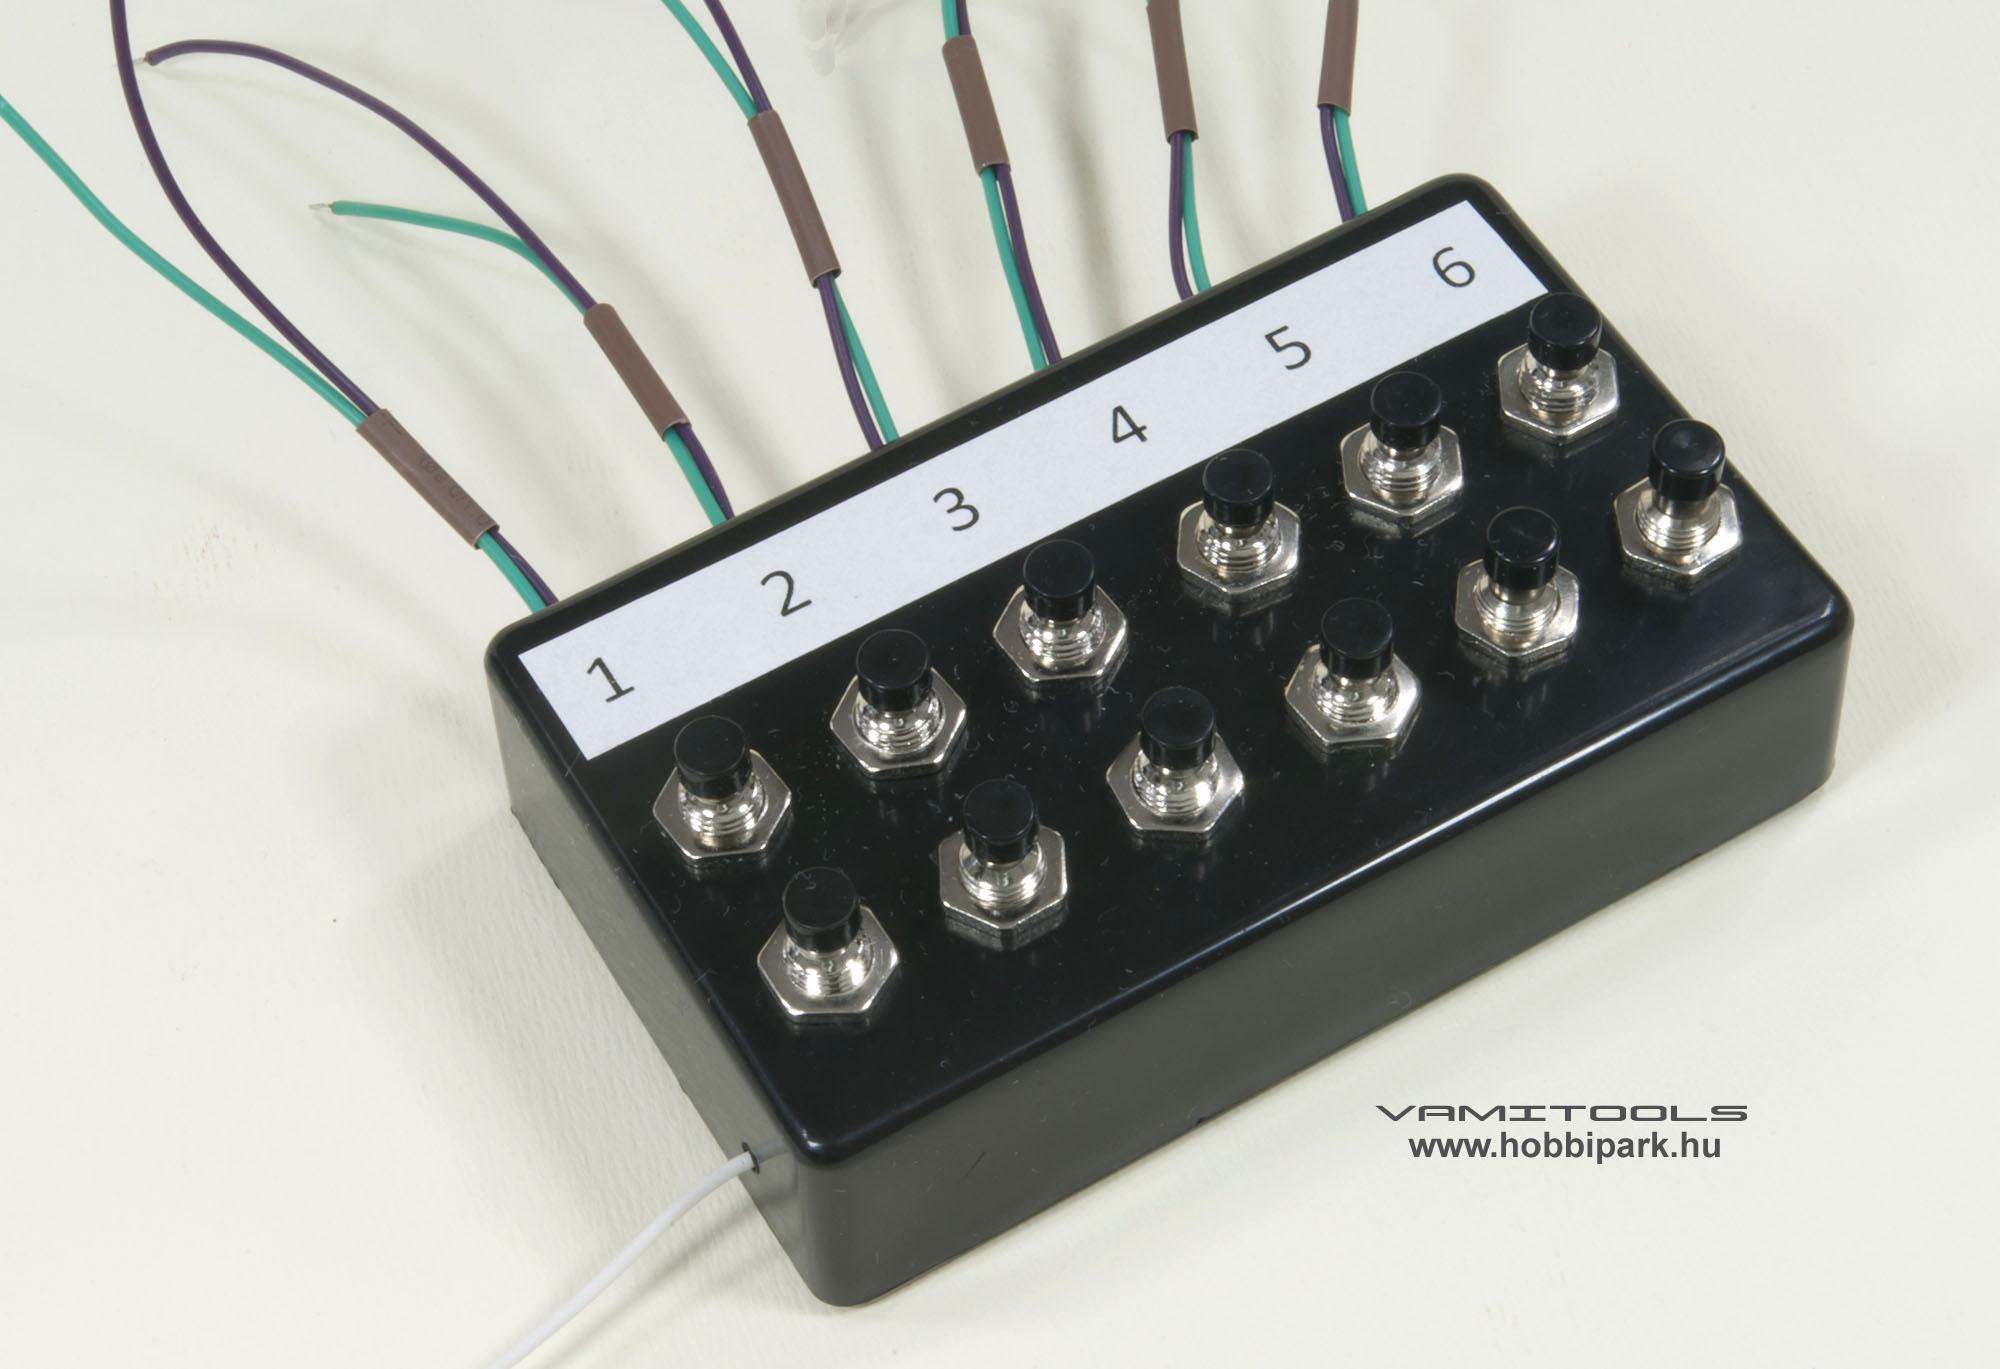 kapcsolópult, kezelőpult, nyomógombos pult, váltókezelő, váltókezelő pult, kapcsolópult világításhoz, kapcsolópult váltókhoz, nyomógombos pult váltókhoz, kezelőpult világításhoz, kezelőpult váltókhoz, H0 kapcsolópult, H0 kezelőpult, H0 nyomógombos pult, H0 váltókezelő, H0 váltókezelő pult, H0 kapcsolópult világításhoz, H0 kapcsolópult váltókhoz, H0 nyomógombos pult váltókhoz, H0 kezelőpult világításhoz, H0 kezelőpult váltókhoz, 1:87 kapcsolópult, 1:87 kezelőpult, 1:87 nyomógombos pult, 1:87 váltókezelő, 1:87 váltókezelő pult, 1:87 kapcsolópult világításhoz, 1:87 kapcsolópult váltókhoz, 1:87 nyomógombos pult váltókhoz, 1:87 kezelőpult világításhoz, 1:87 kezelőpult váltókhoz, TT kapcsolópult, TT kezelőpult, TT nyomógombos pult, TT váltókezelő, TT váltókezelő pult, TT kapcsolópult világításhoz, TT kapcsolópult váltókhoz, TT nyomógombos pult váltókhoz, TT kezelőpult világításhoz, TT kezelőpult váltókhoz, 1:120 kapcsolópult, 1:120 kezelőpult, 1:120 nyomógombos pult, 1:120 váltókezelő, 1:120 váltókezelő pult, 1:120 kapcsolópult világításhoz, 1:120 kapcsolópult váltókhoz, 1:120 nyomógombos pult váltókhoz, 1:120 kezelőpult világításhoz, 1:120 kezelőpult váltókhoz, N kapcsolópult, N kezelőpult, N nyomógombos pult, N váltókezelő, N váltókezelő pult, N kapcsolópult világításhoz, N kapcsolópult váltókhoz, N nyomógombos pult váltókhoz, N kezelőpult világításhoz, N kezelőpult váltókhoz, 1:160 kapcsolópult, 1:160 kezelőpult, 1:160 nyomógombos pult, 1:160 váltókezelő, 1:160 váltókezelő pult, 1:160 kapcsolópult világításhoz, 1:160 kapcsolópult váltókhoz, 1:160 nyomógombos pult váltókhoz, 1:160 kezelőpult világításhoz, 1:160 kezelőpult váltókhoz, modell kapcsolópult, modell kezelőpult, modell nyomógombos pult, modell váltókezelő, modell váltókezelő pult, modell kapcsolópult világításhoz, modell kapcsolópult váltókhoz, modell nyomógombos pult váltókhoz, modell kezelőpult világításhoz, modell kezelőpult váltókhoz, makett kapcsolópult, makett kezelőpult, makett nyomógombos pult, makett 